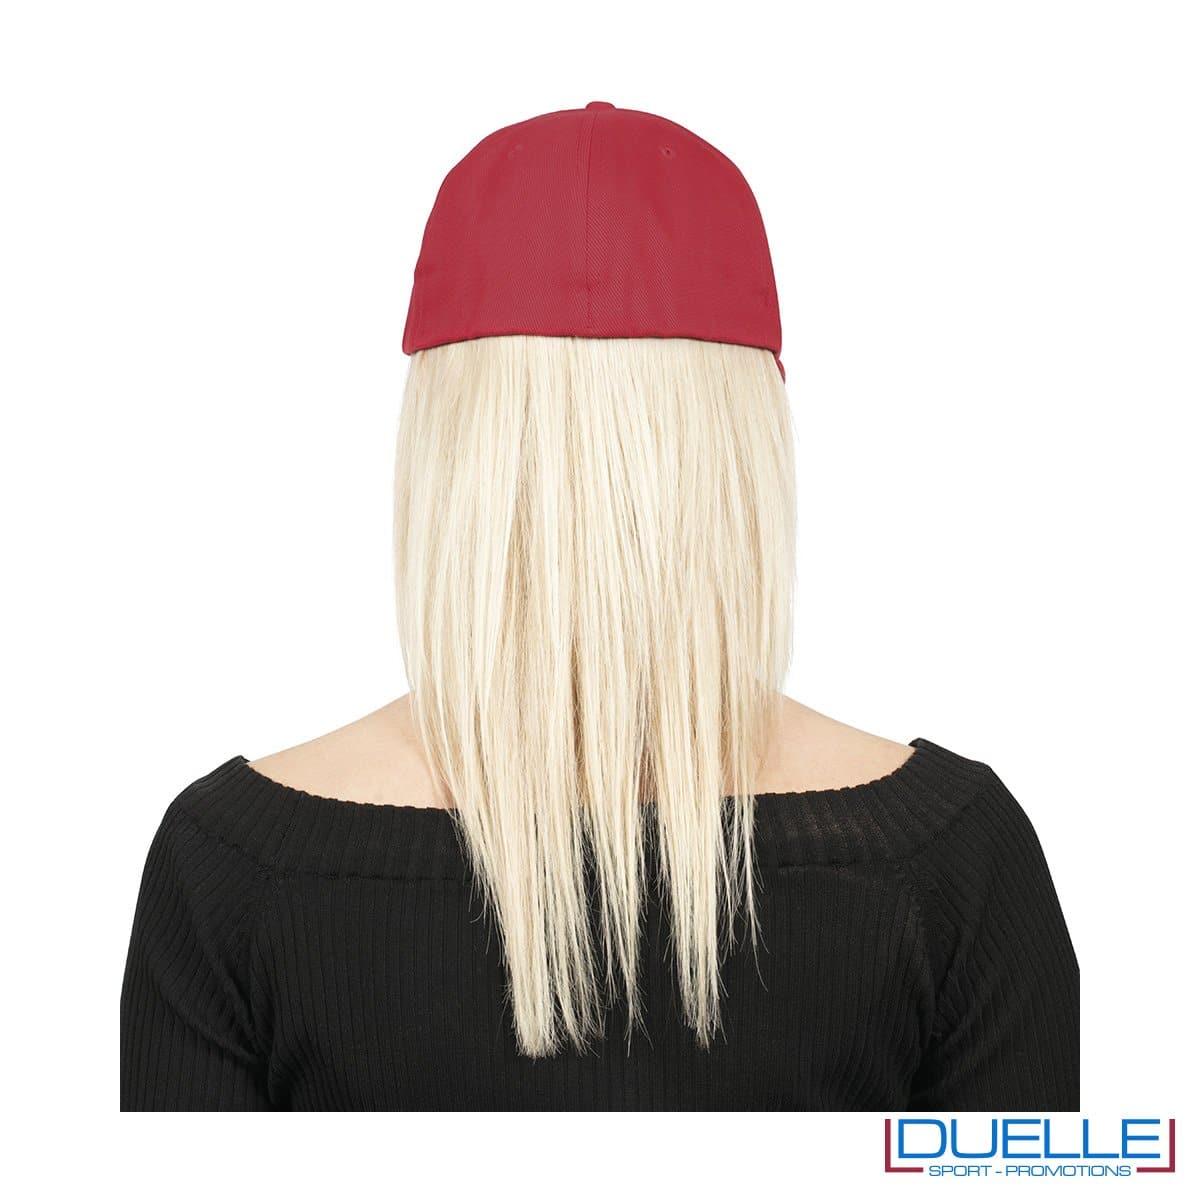 Cappello da rapper personalizzabile retro